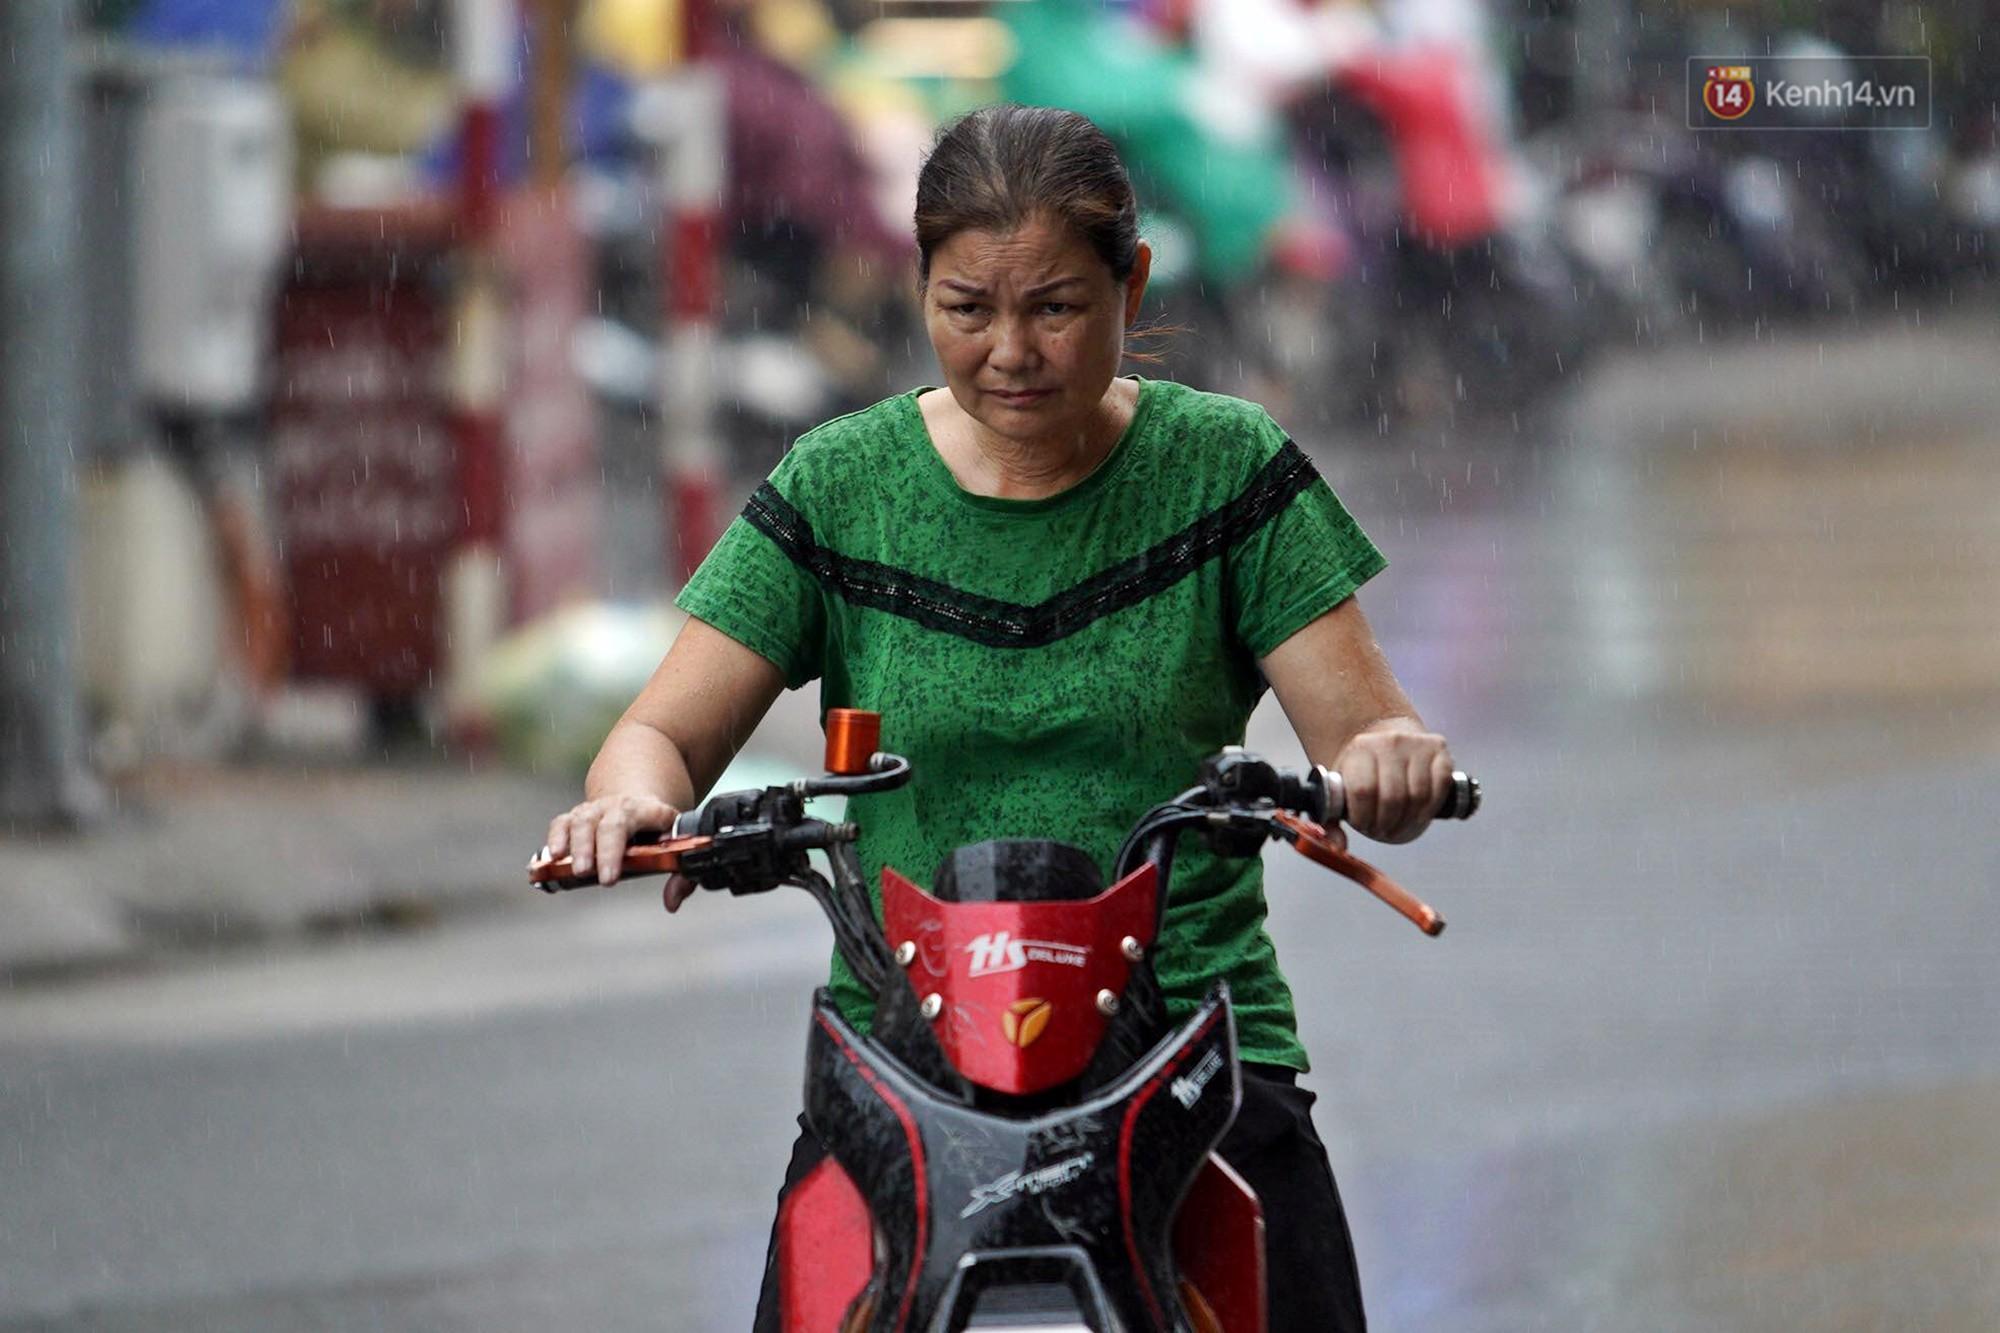 Hà Nội bắt đầu đổ mưa do ảnh hưởng của bão số 2, người dân chật vật lưu thông giờ tan tầm - Ảnh 3.